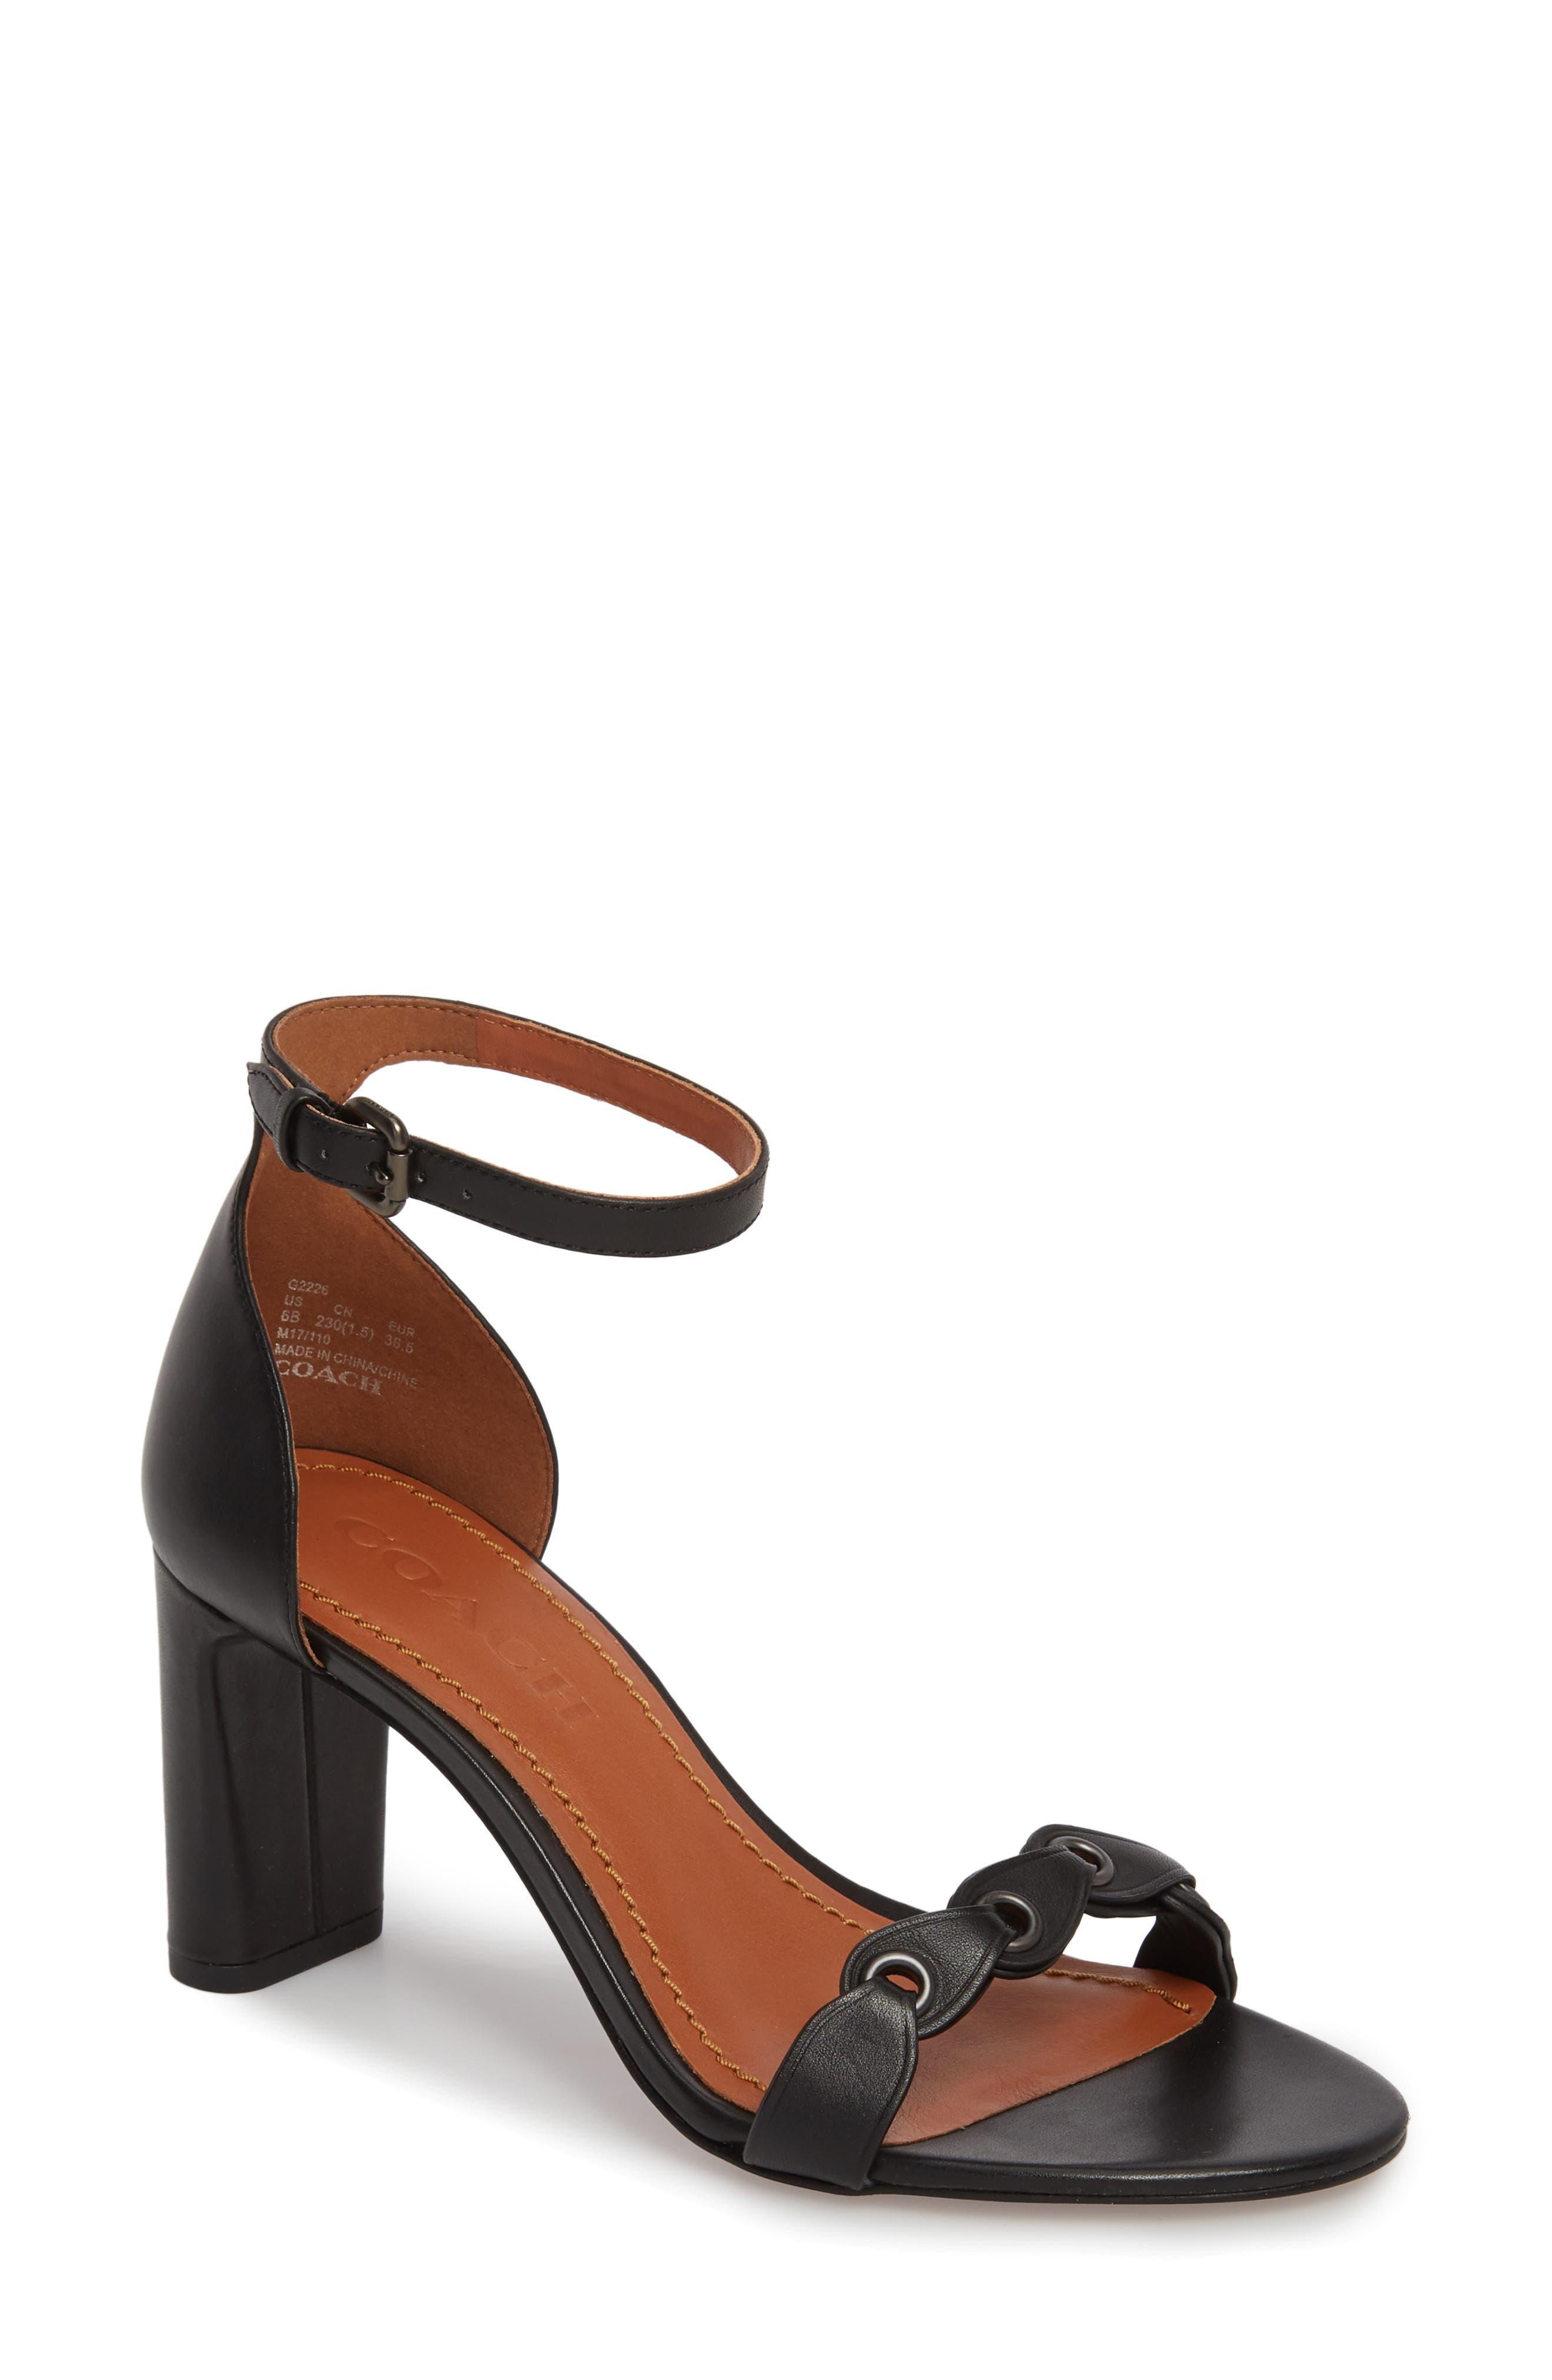 Link Ankle Strap Sandal,                         Main,                         color,